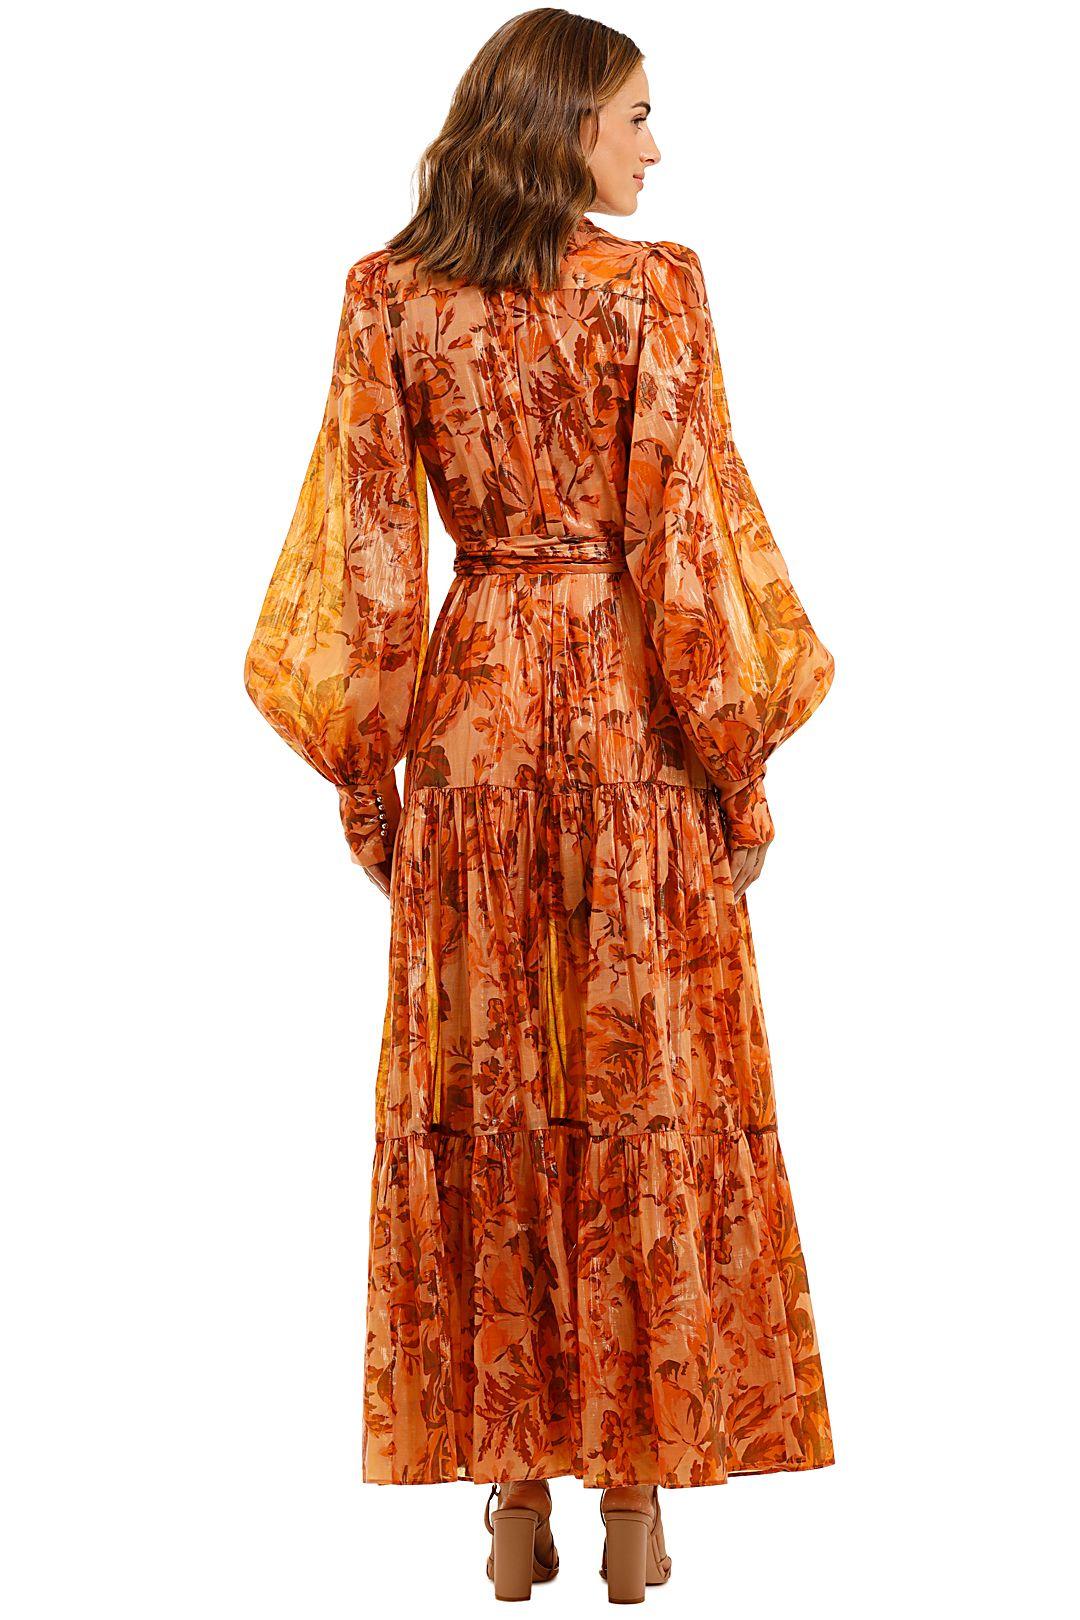 Acler Naples Dress Full Skirt